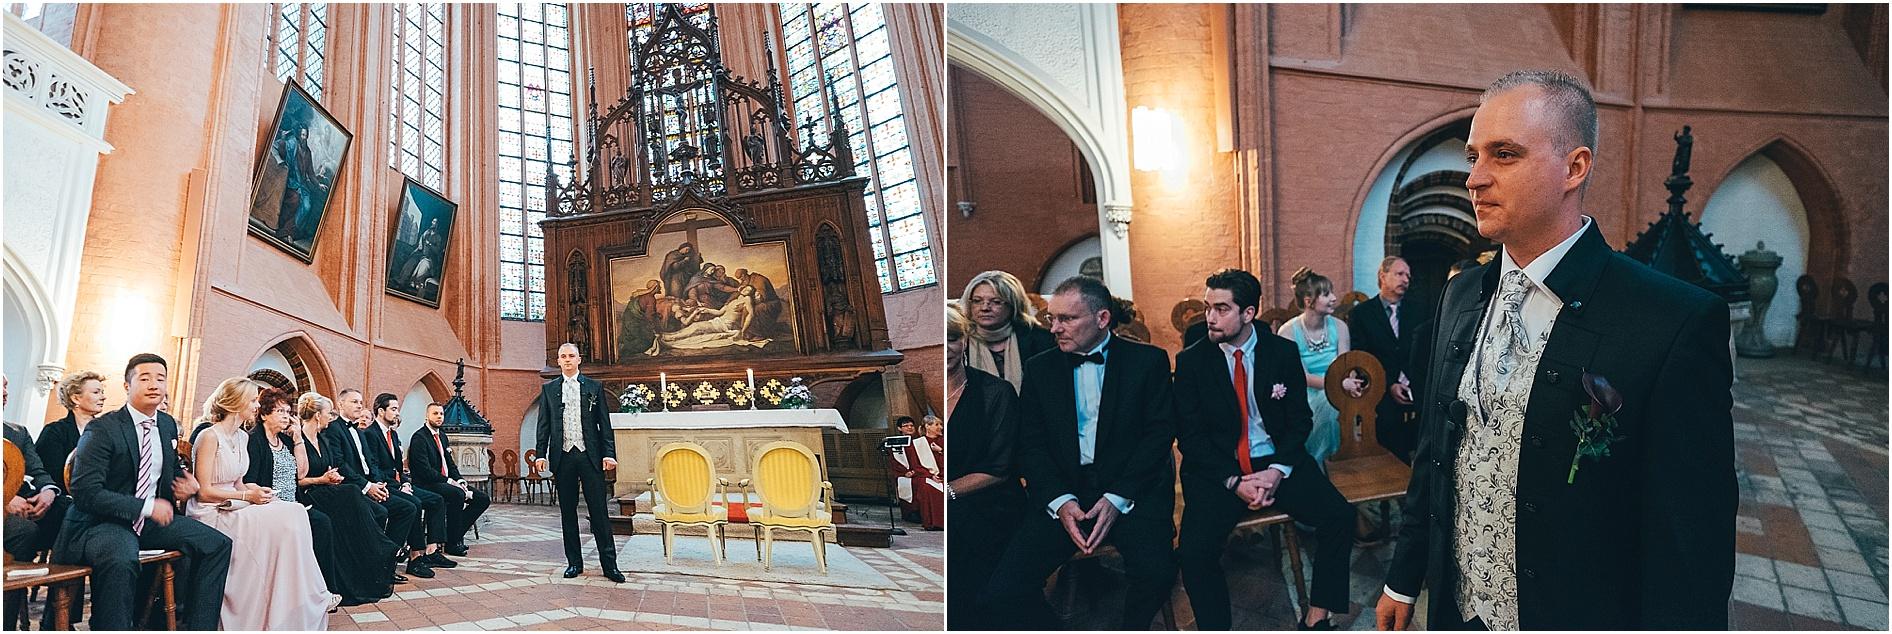 2014-11-20_0026 Lora & Daniel - Als Hochzeitsfotograf in Lüneburg